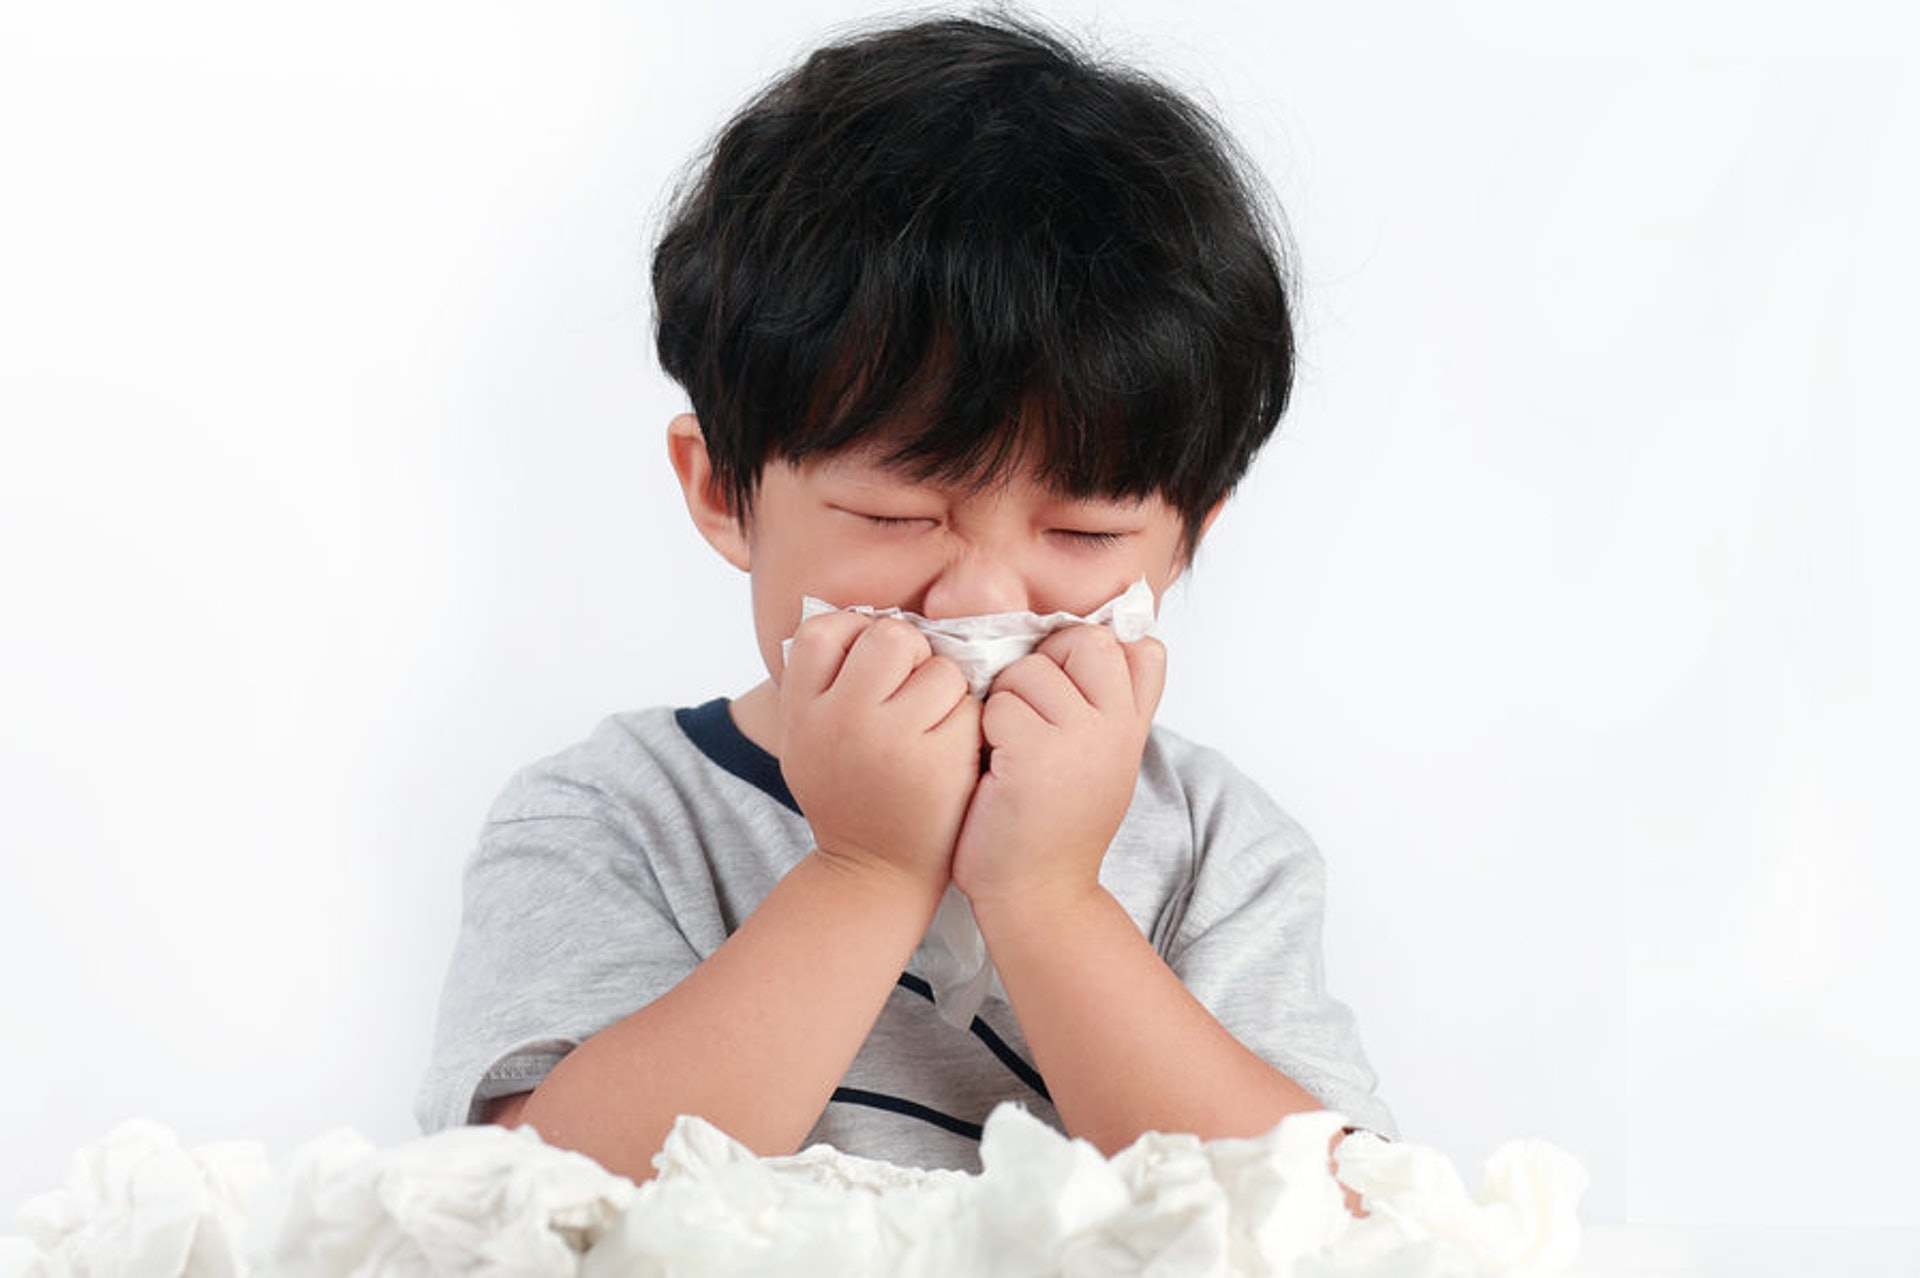 過敏體質普遍對外界的適應能力比較差,免疫系統容易受致敏原影響而出現過敏反應 (圖片: FreePik)